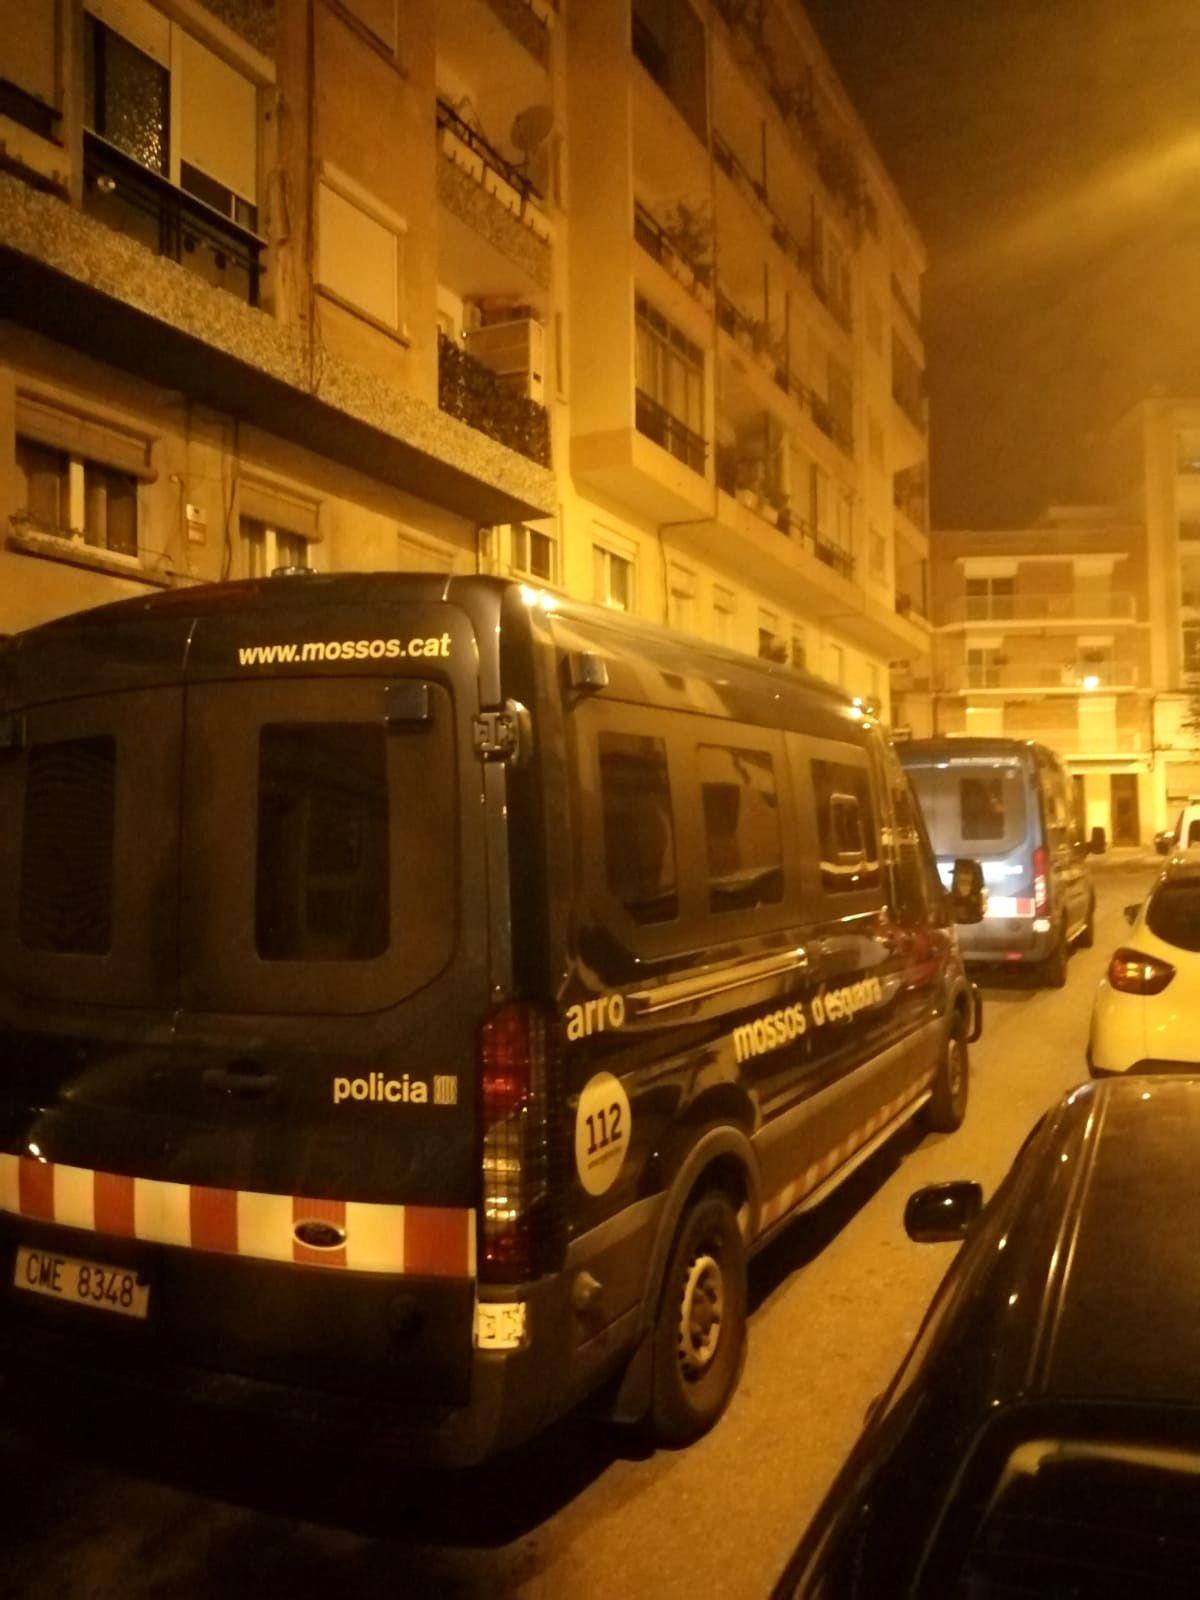 mossos-operació-antidroga.jpg